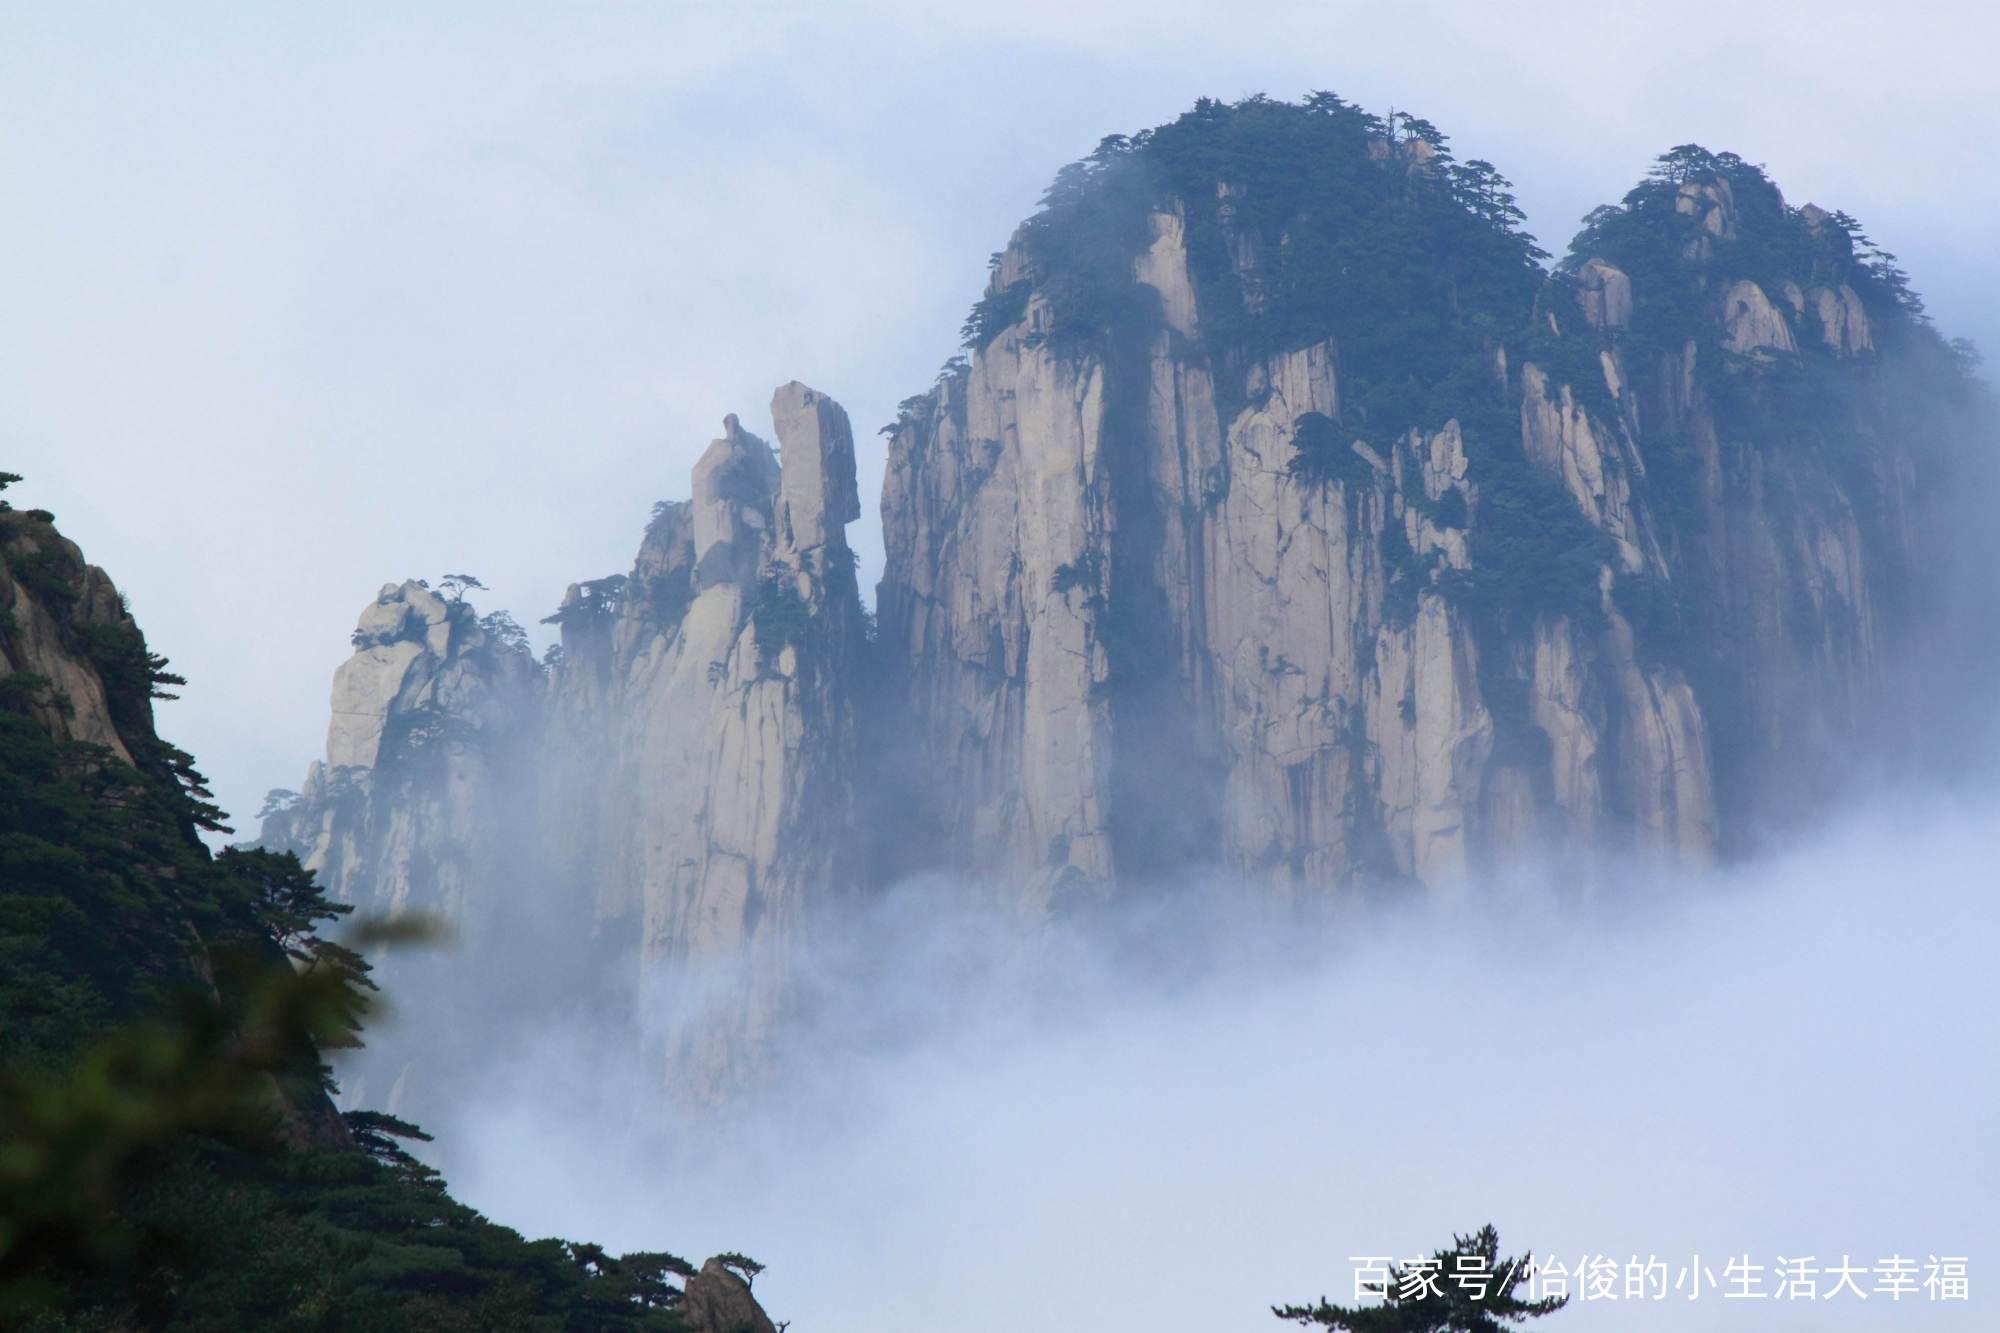 安徽黄山旅游景点的简介